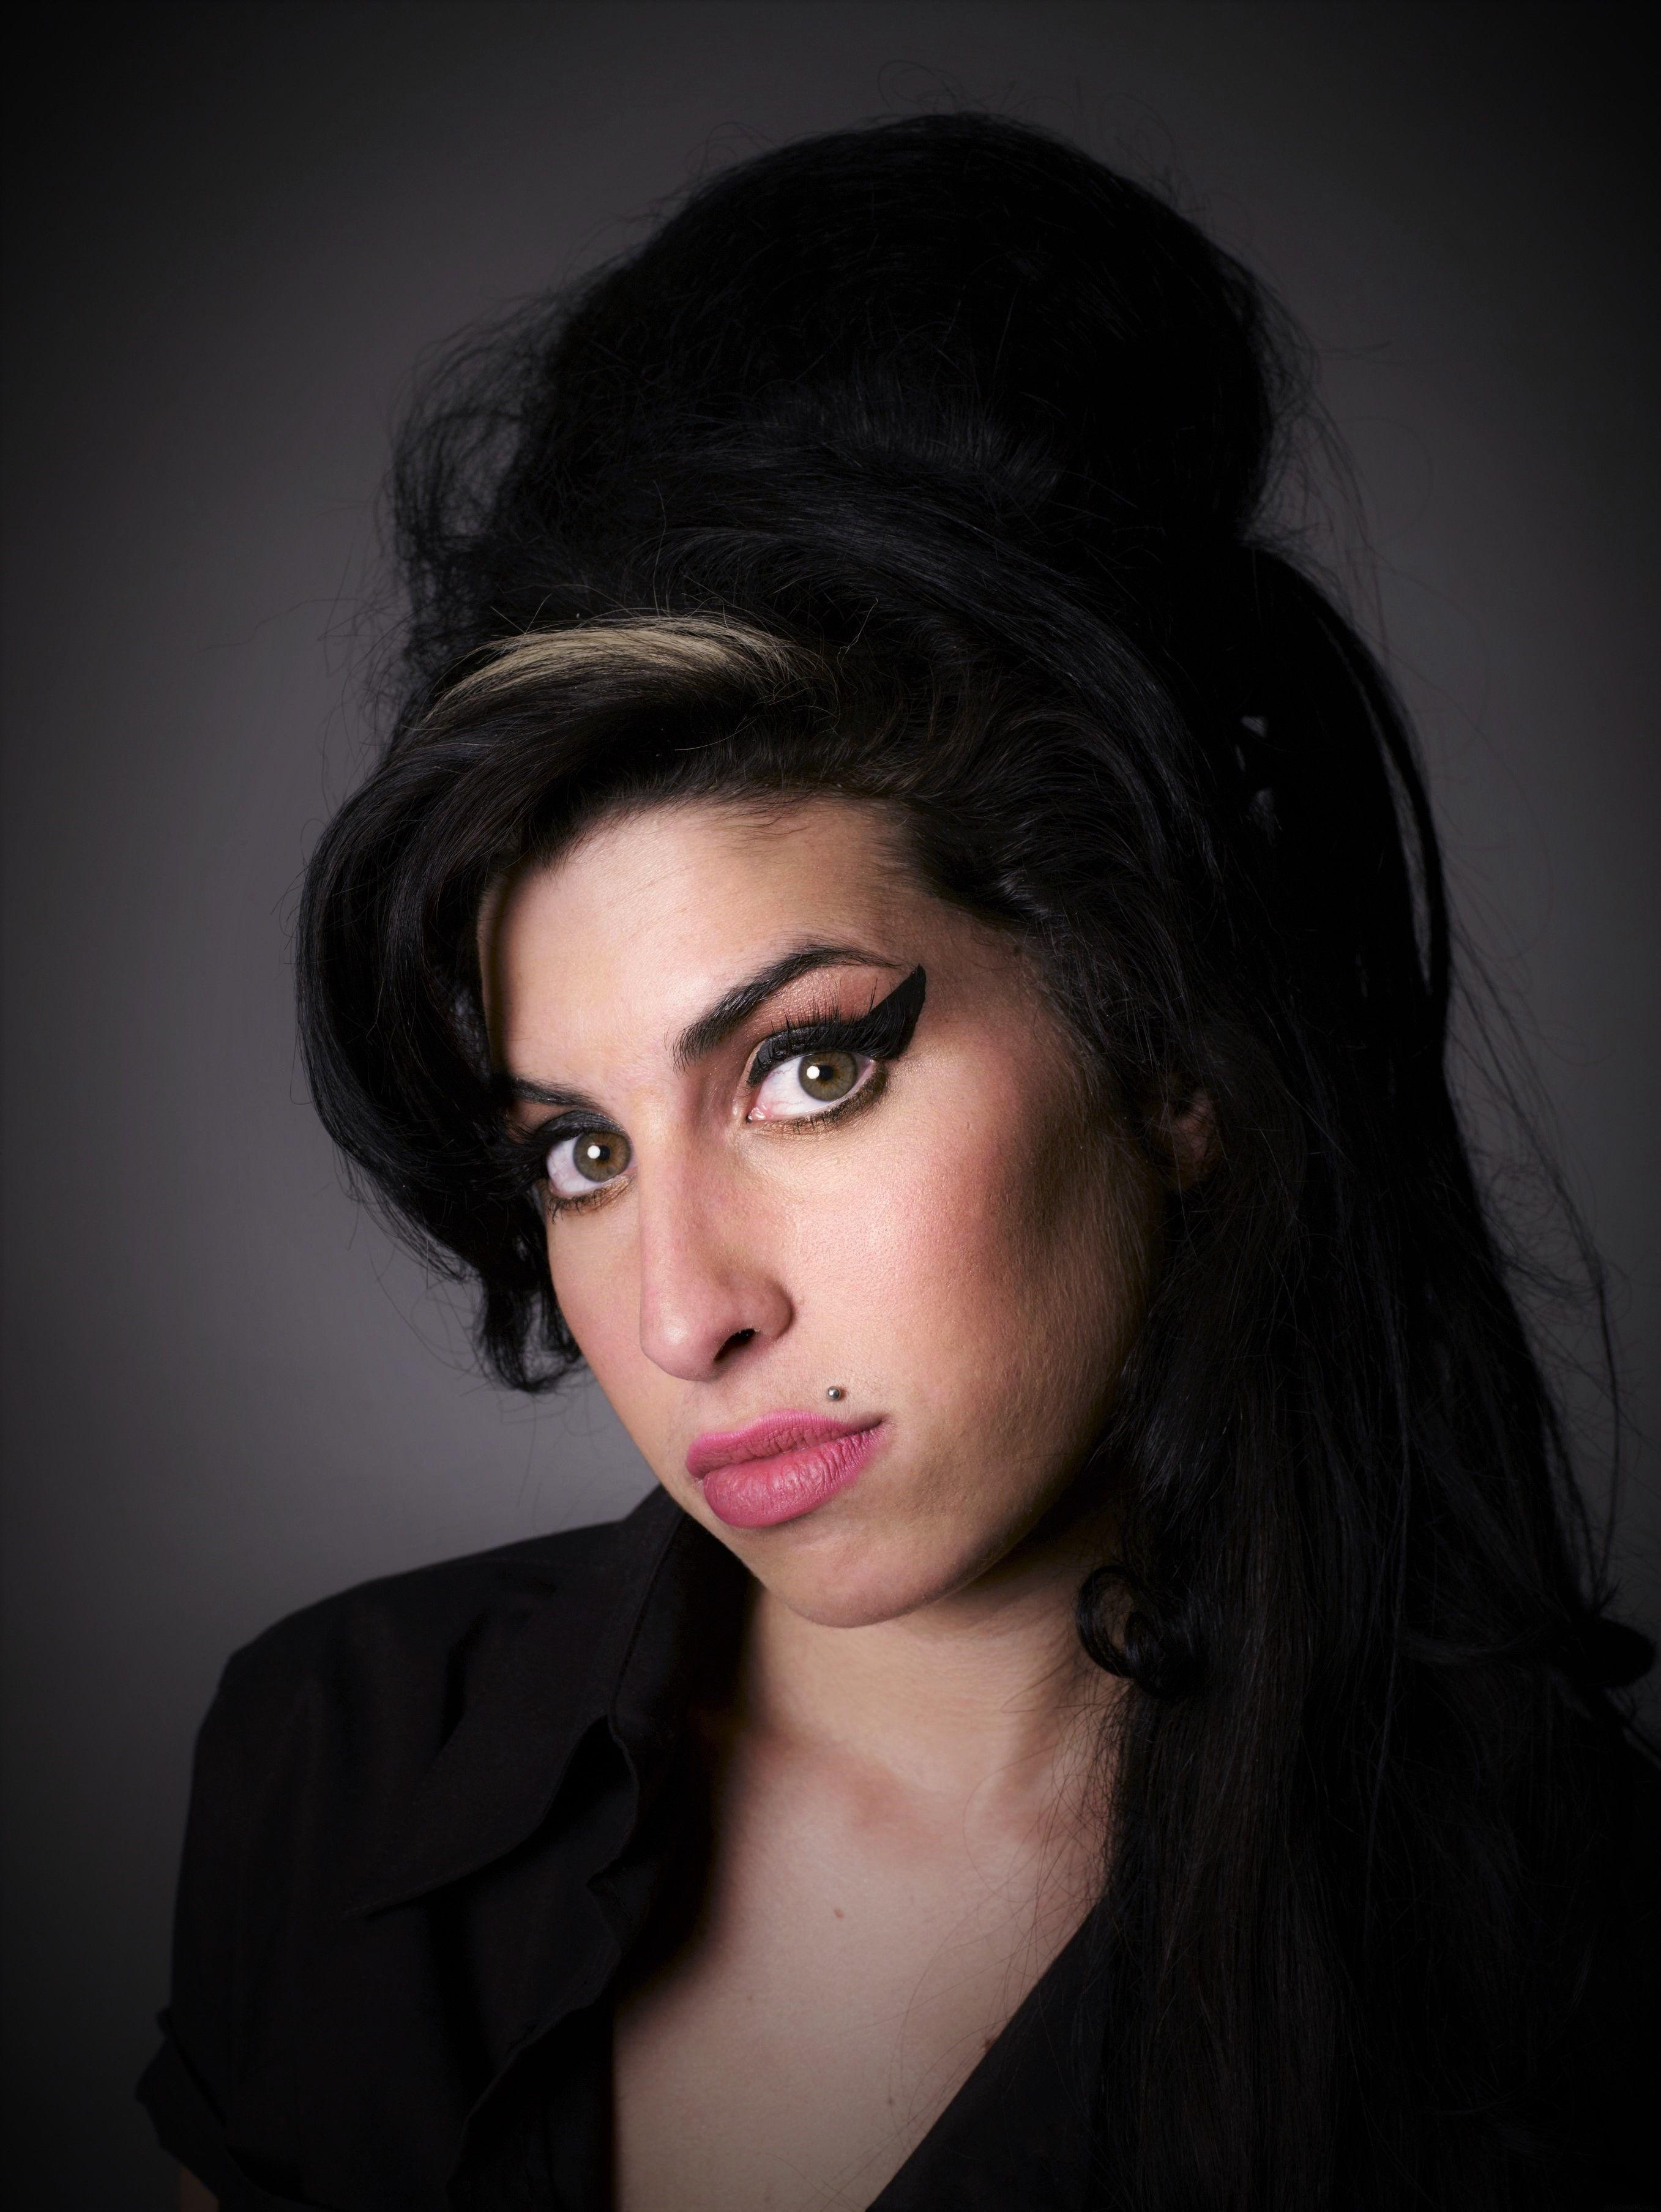 Wie Man Amy Winehouse Frisur Bekommt Amy Winehouse Inspiracao